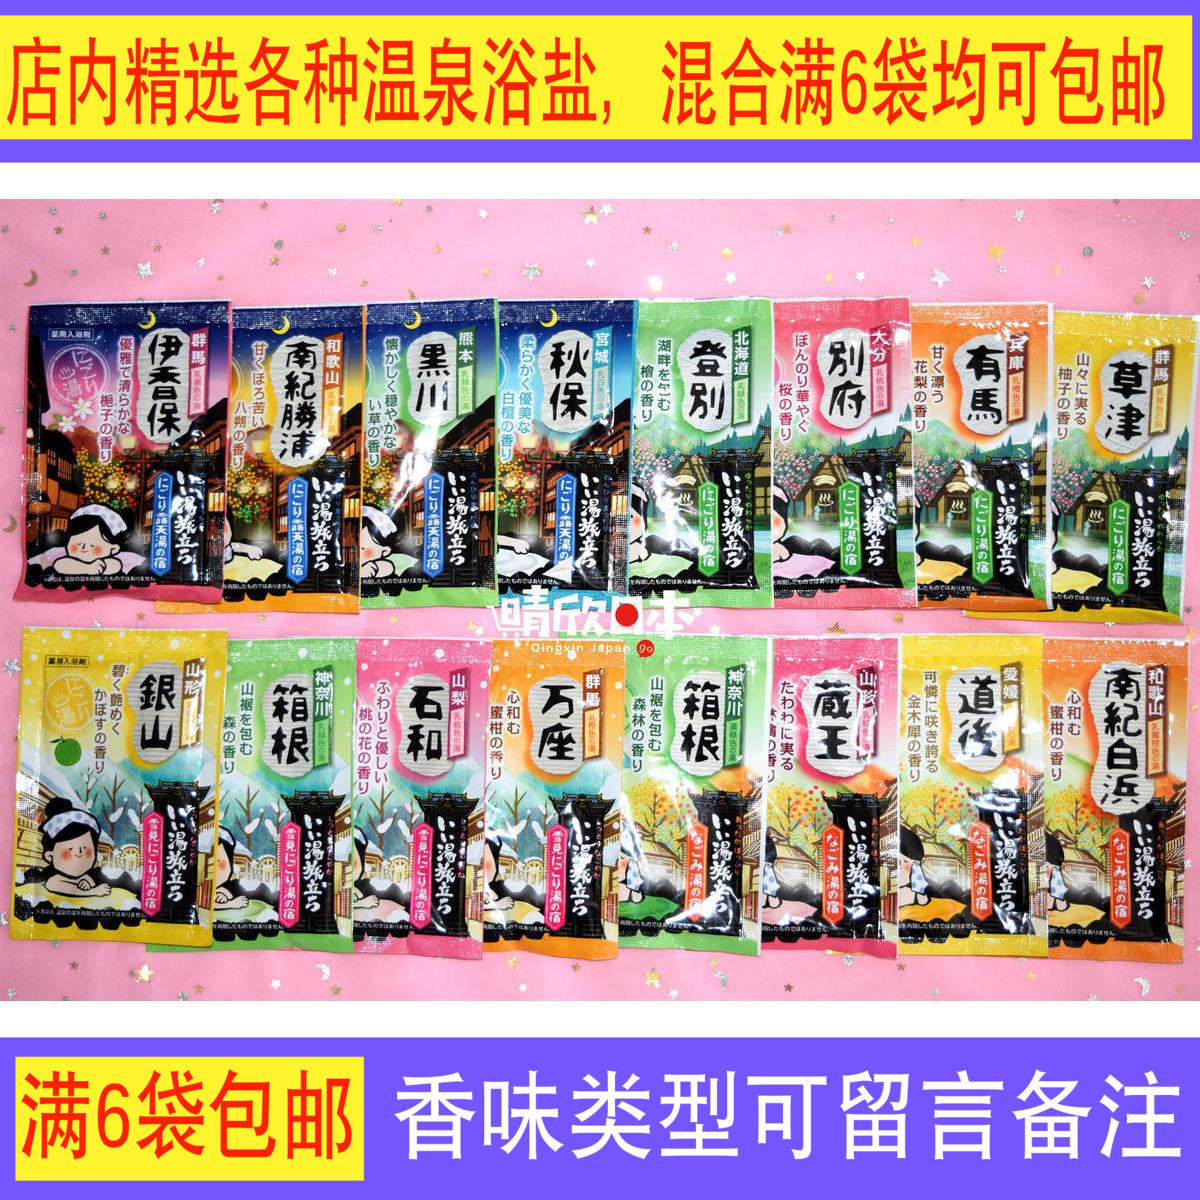 日本原装白元名汤之旅温泉矿物质泡澡浴盐缓解疲劳放松 满6袋包邮